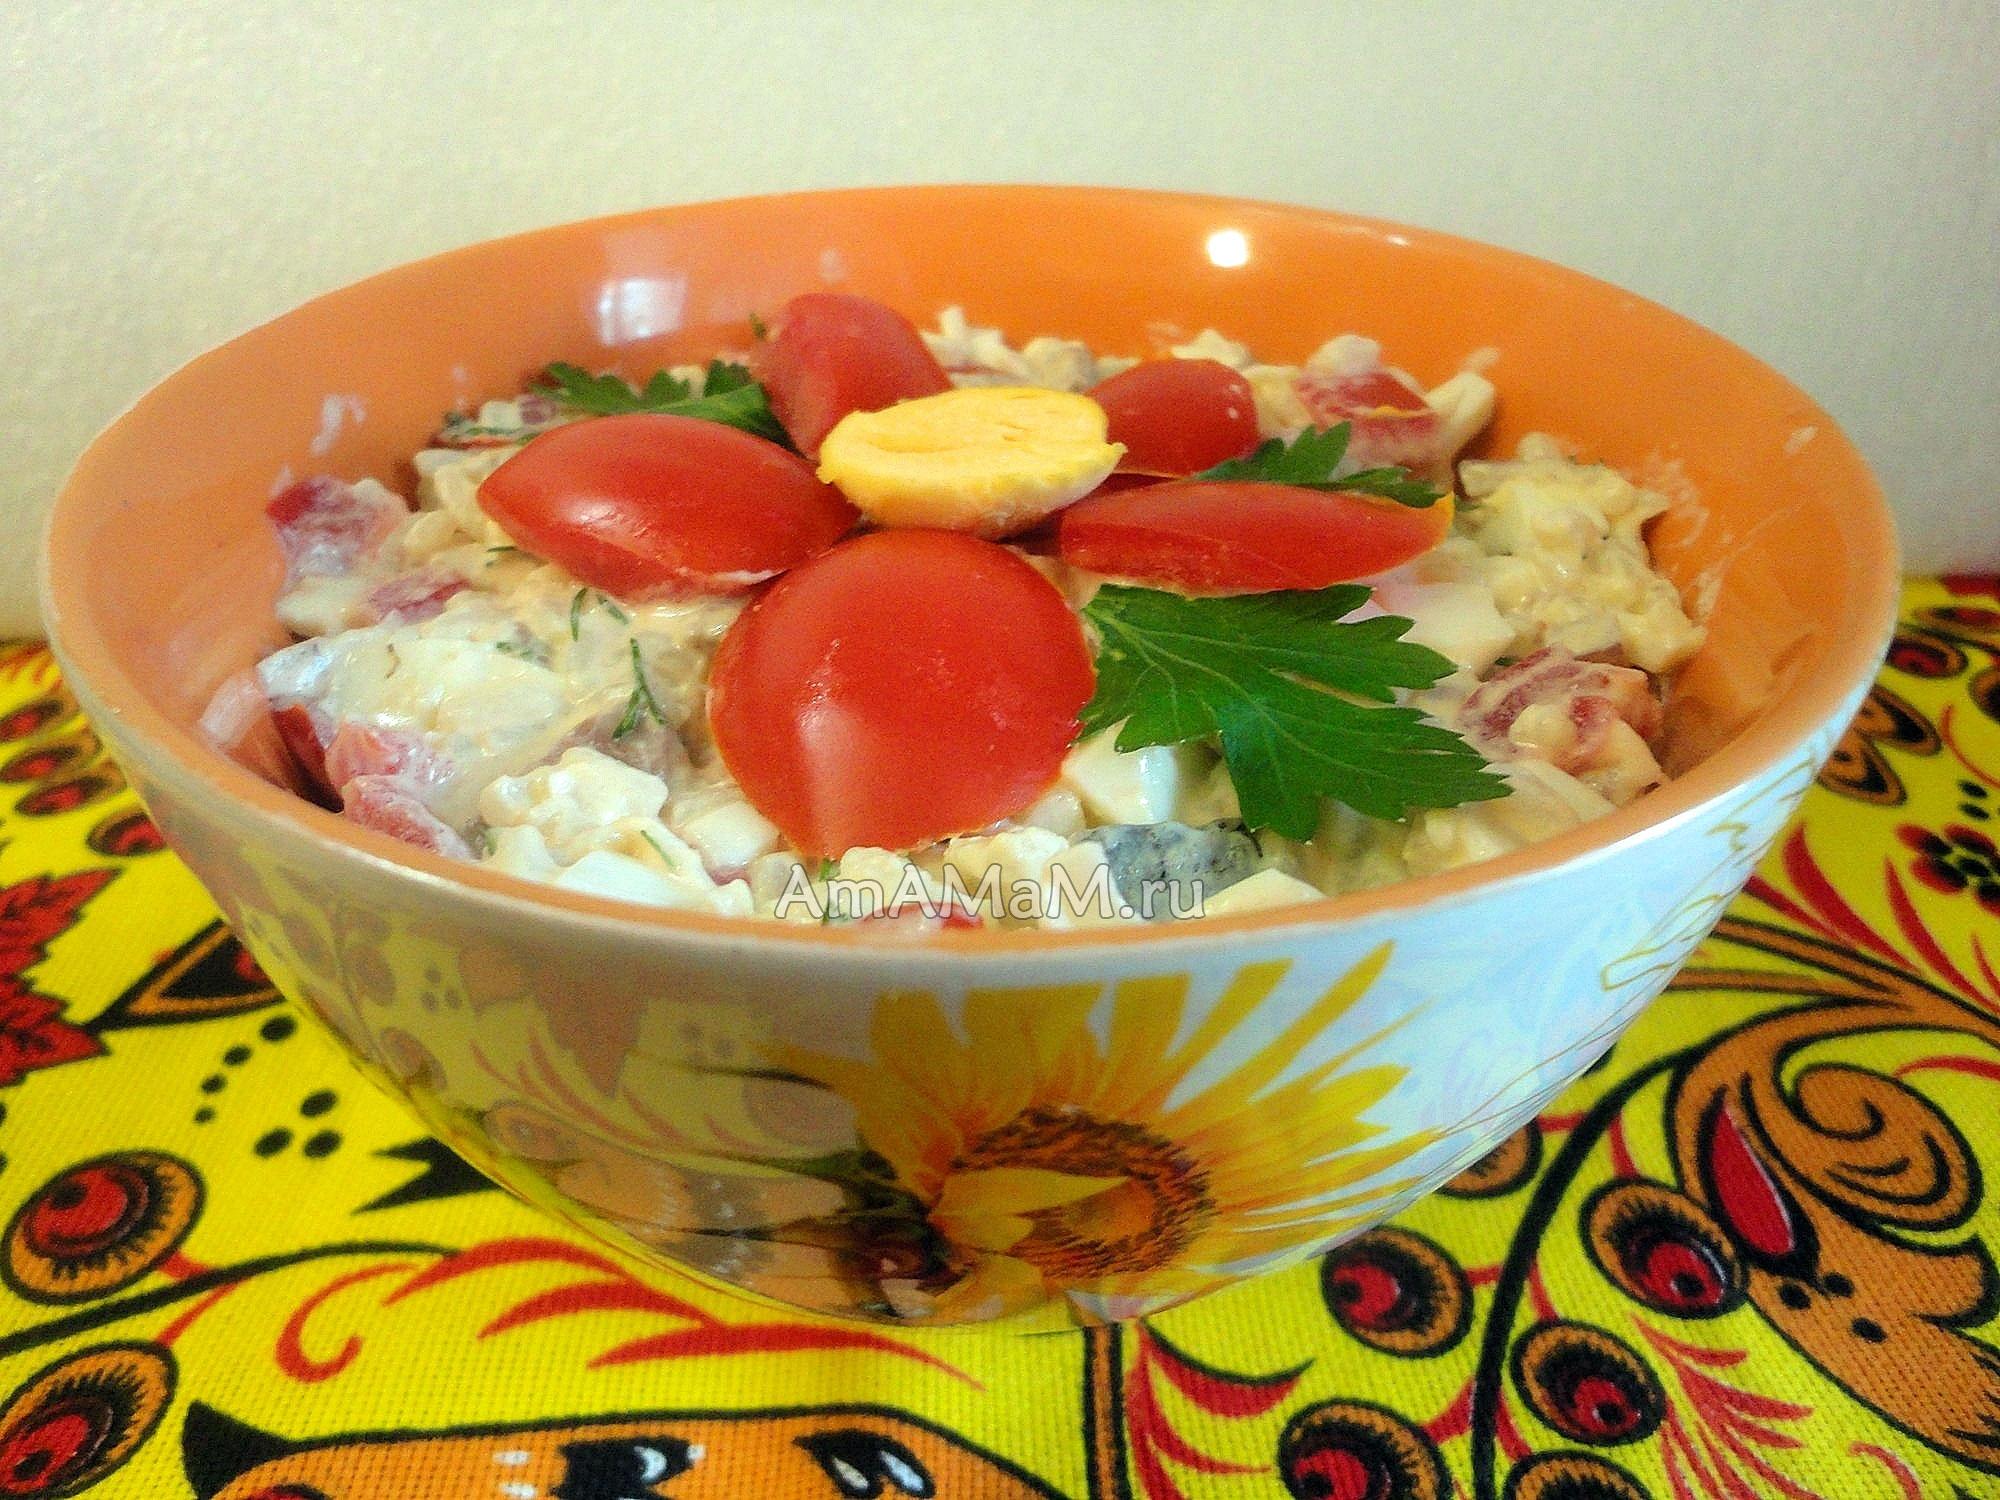 вкусный салат из рыбных консервов с фото